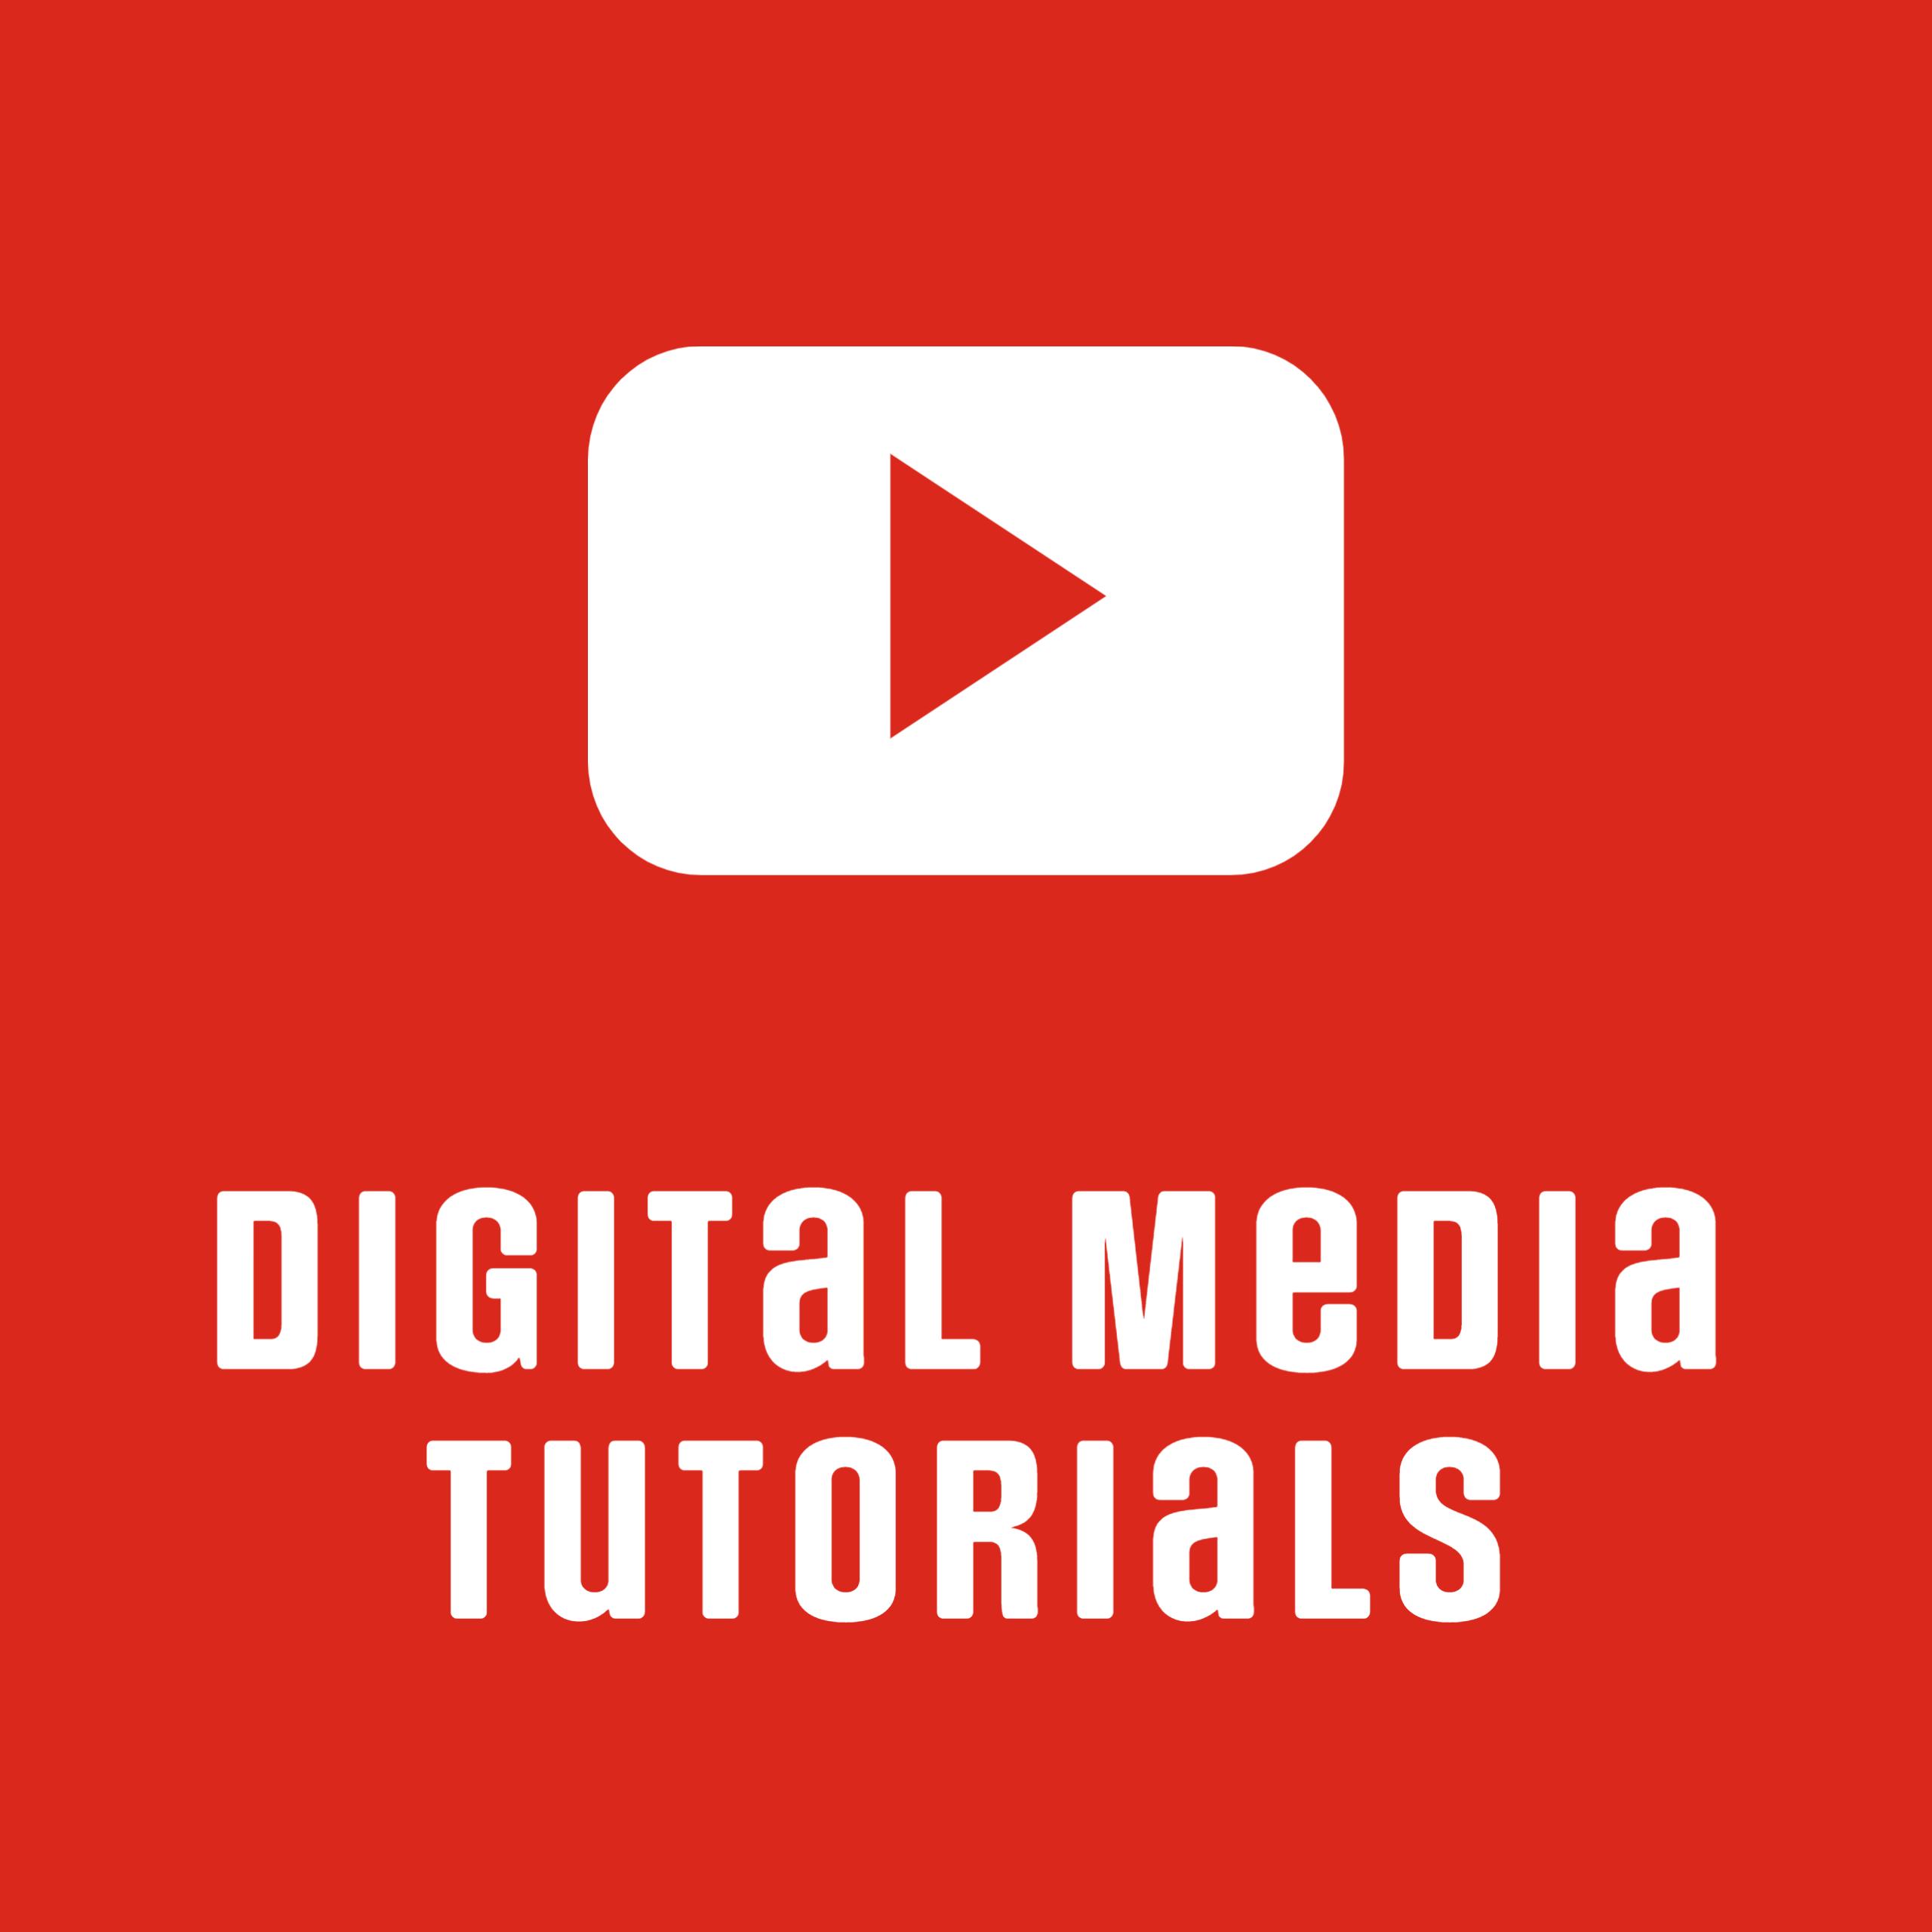 Digital media tutorials